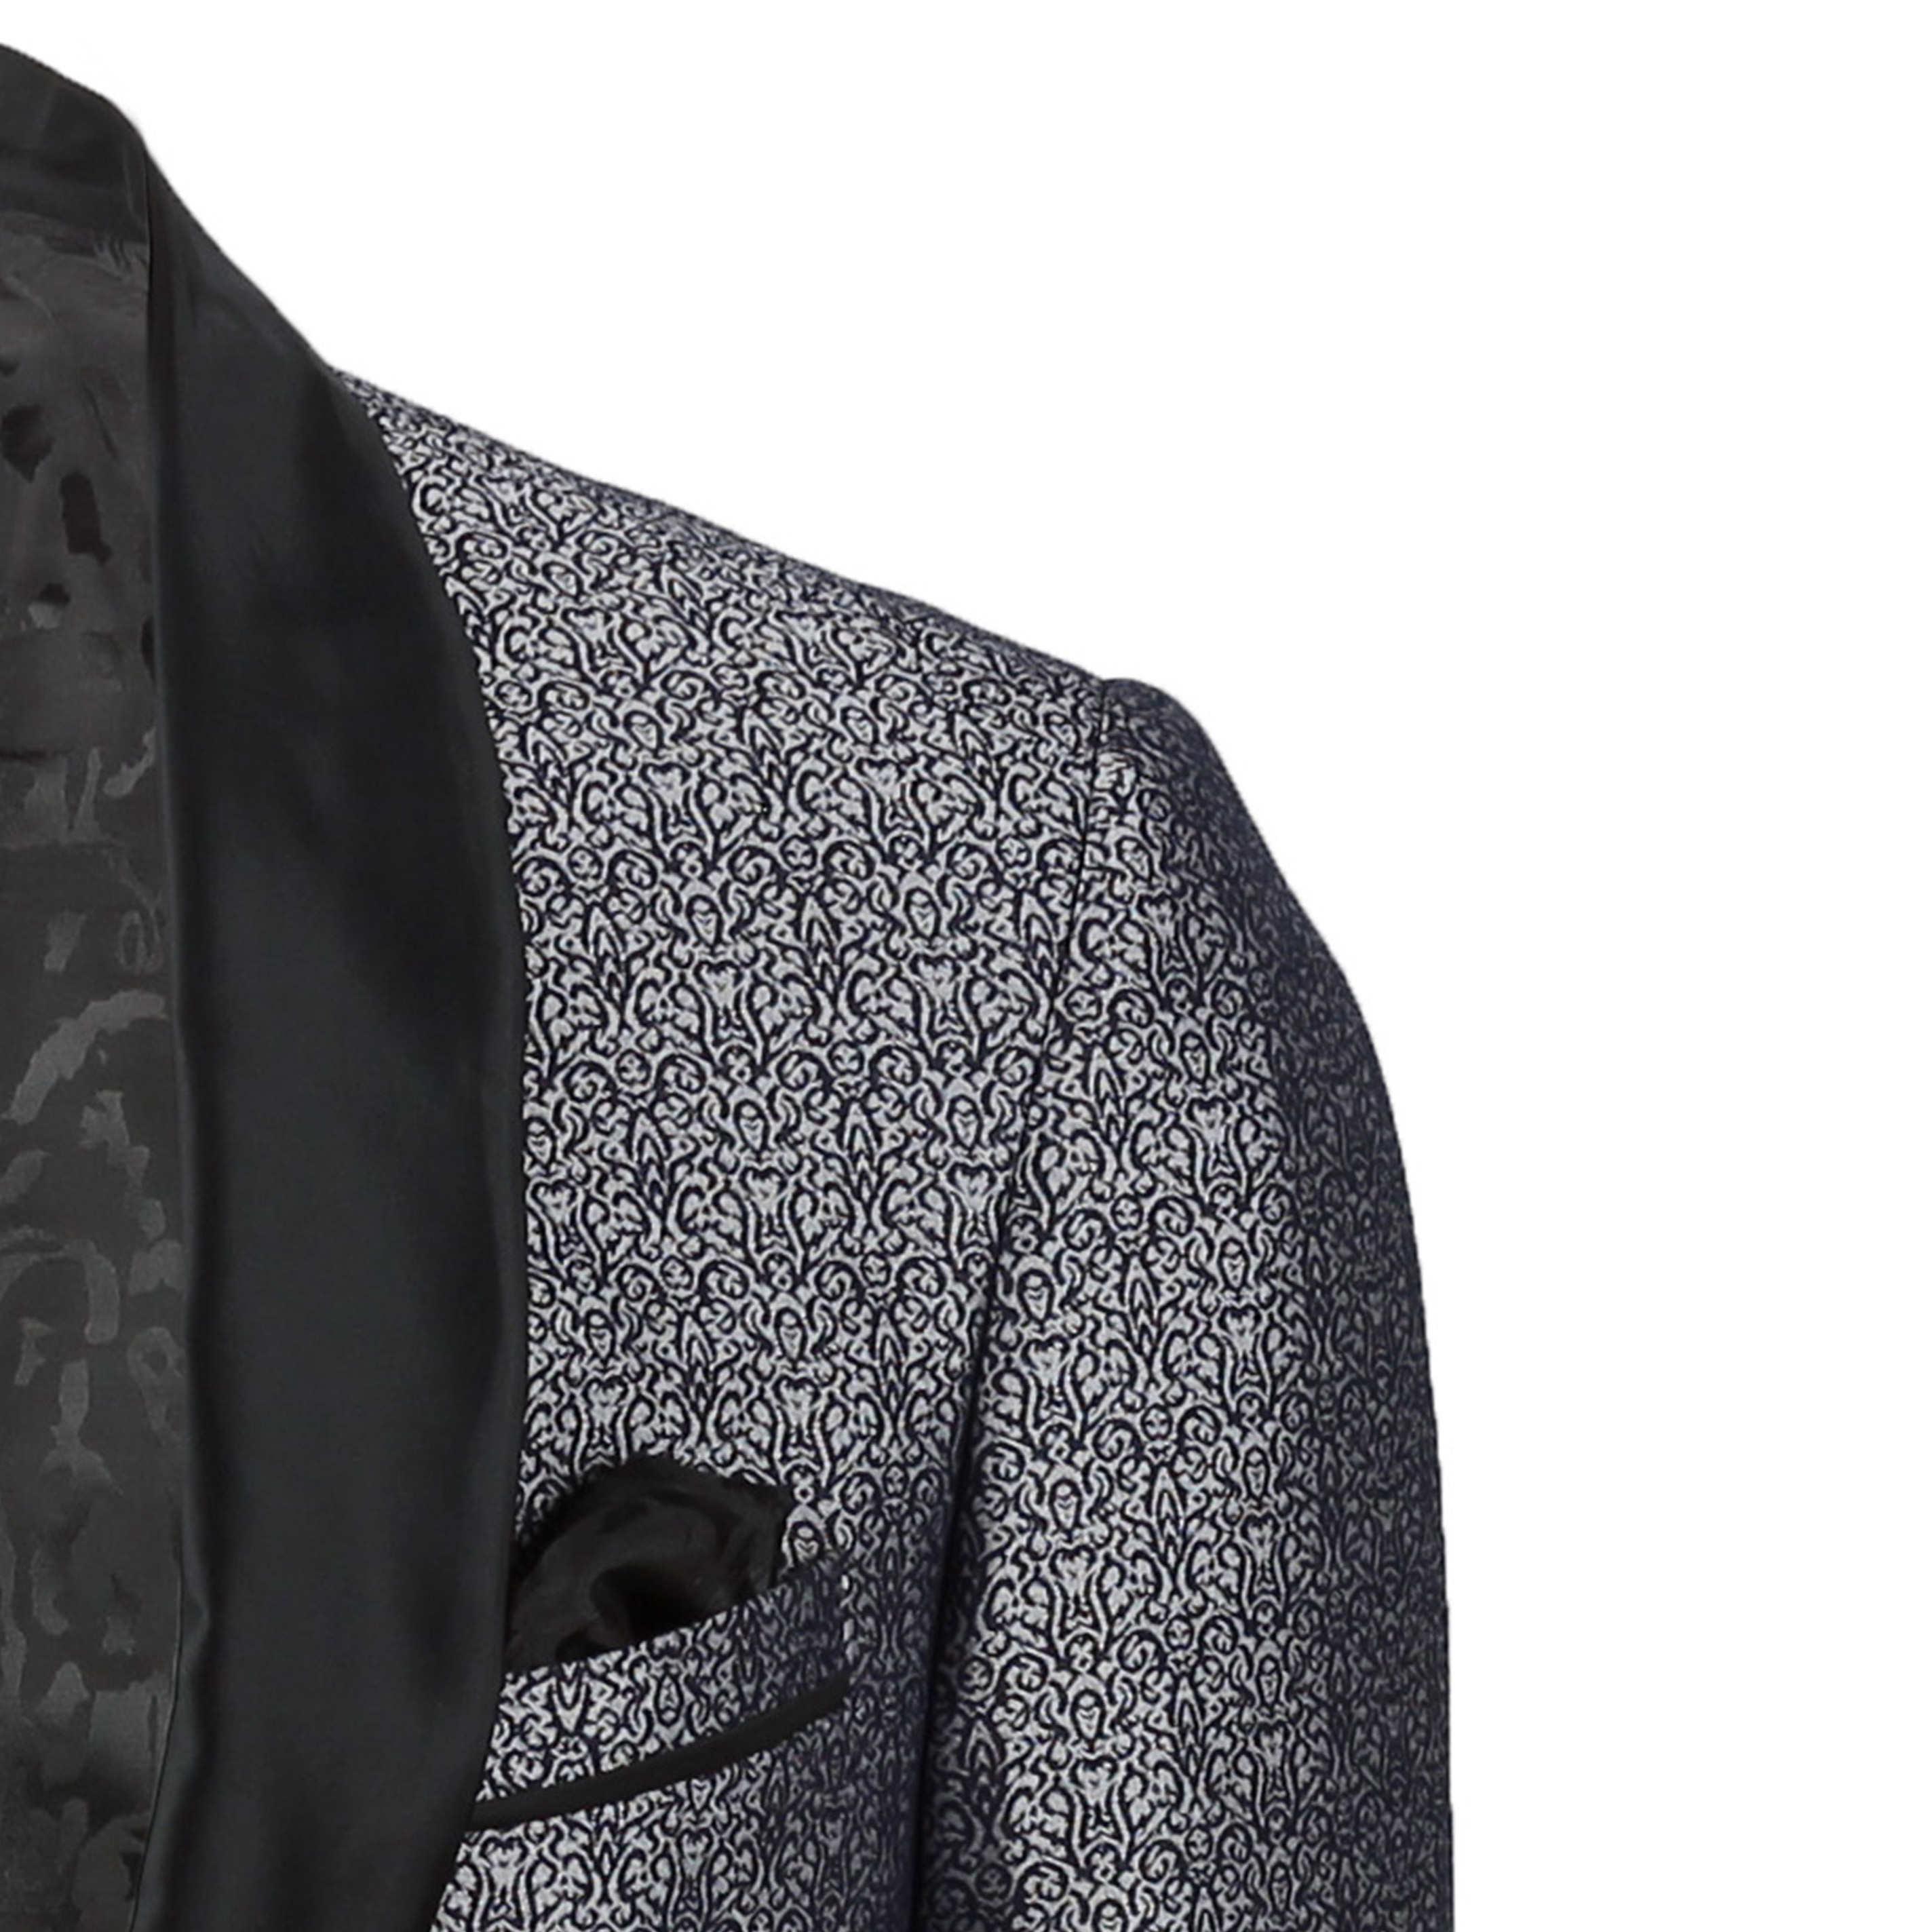 Para-hombre-traje-de-Esmoquin-Vintage-floral-del-damasco-Cena-Chaqueta-Boda-Fiesta-Formal-Blazer miniatura 7